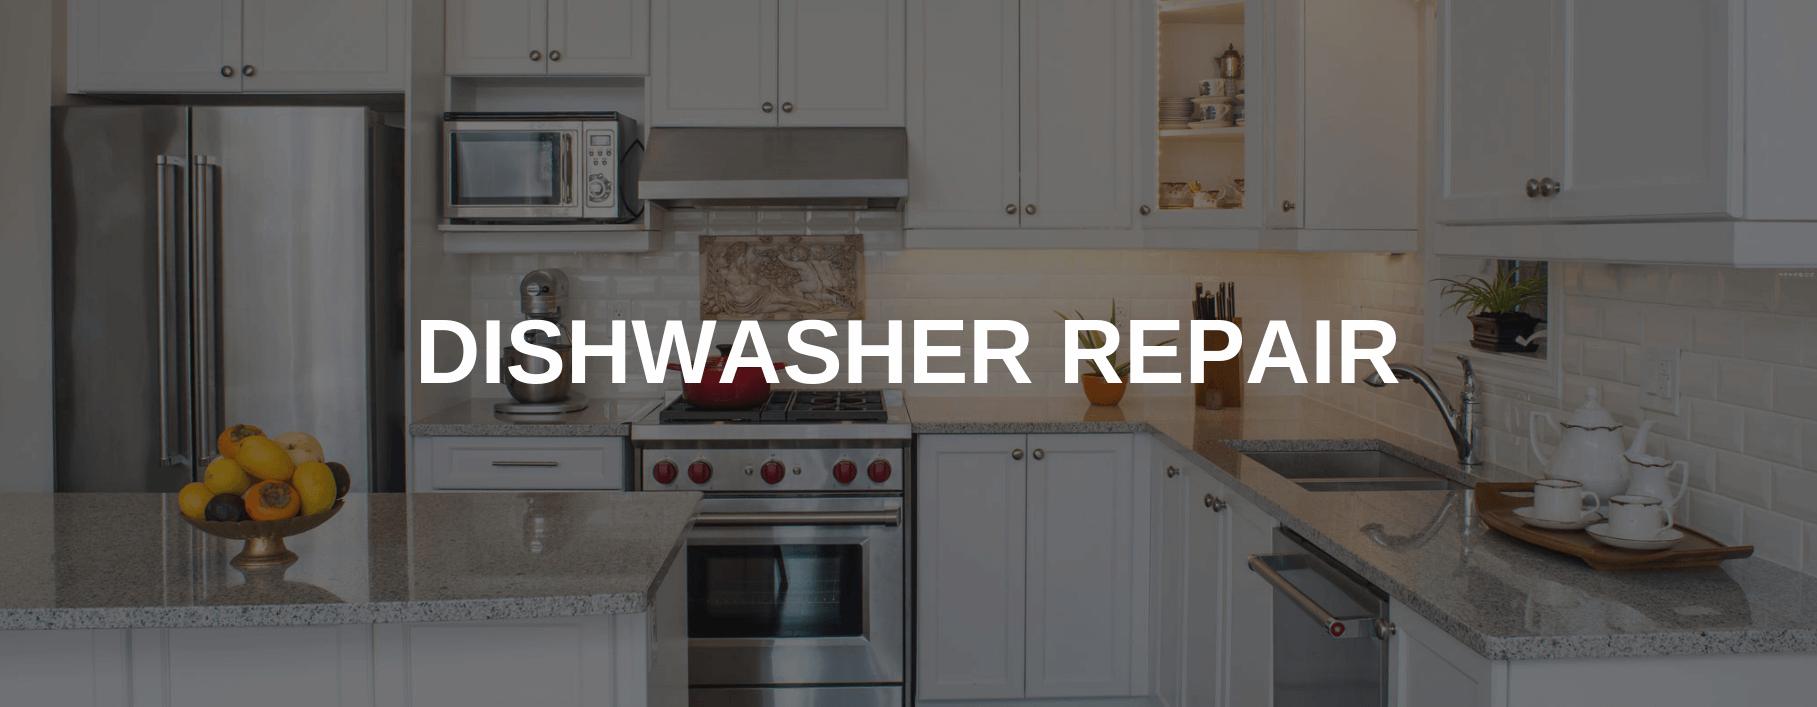 dishwasher repair glastonbury